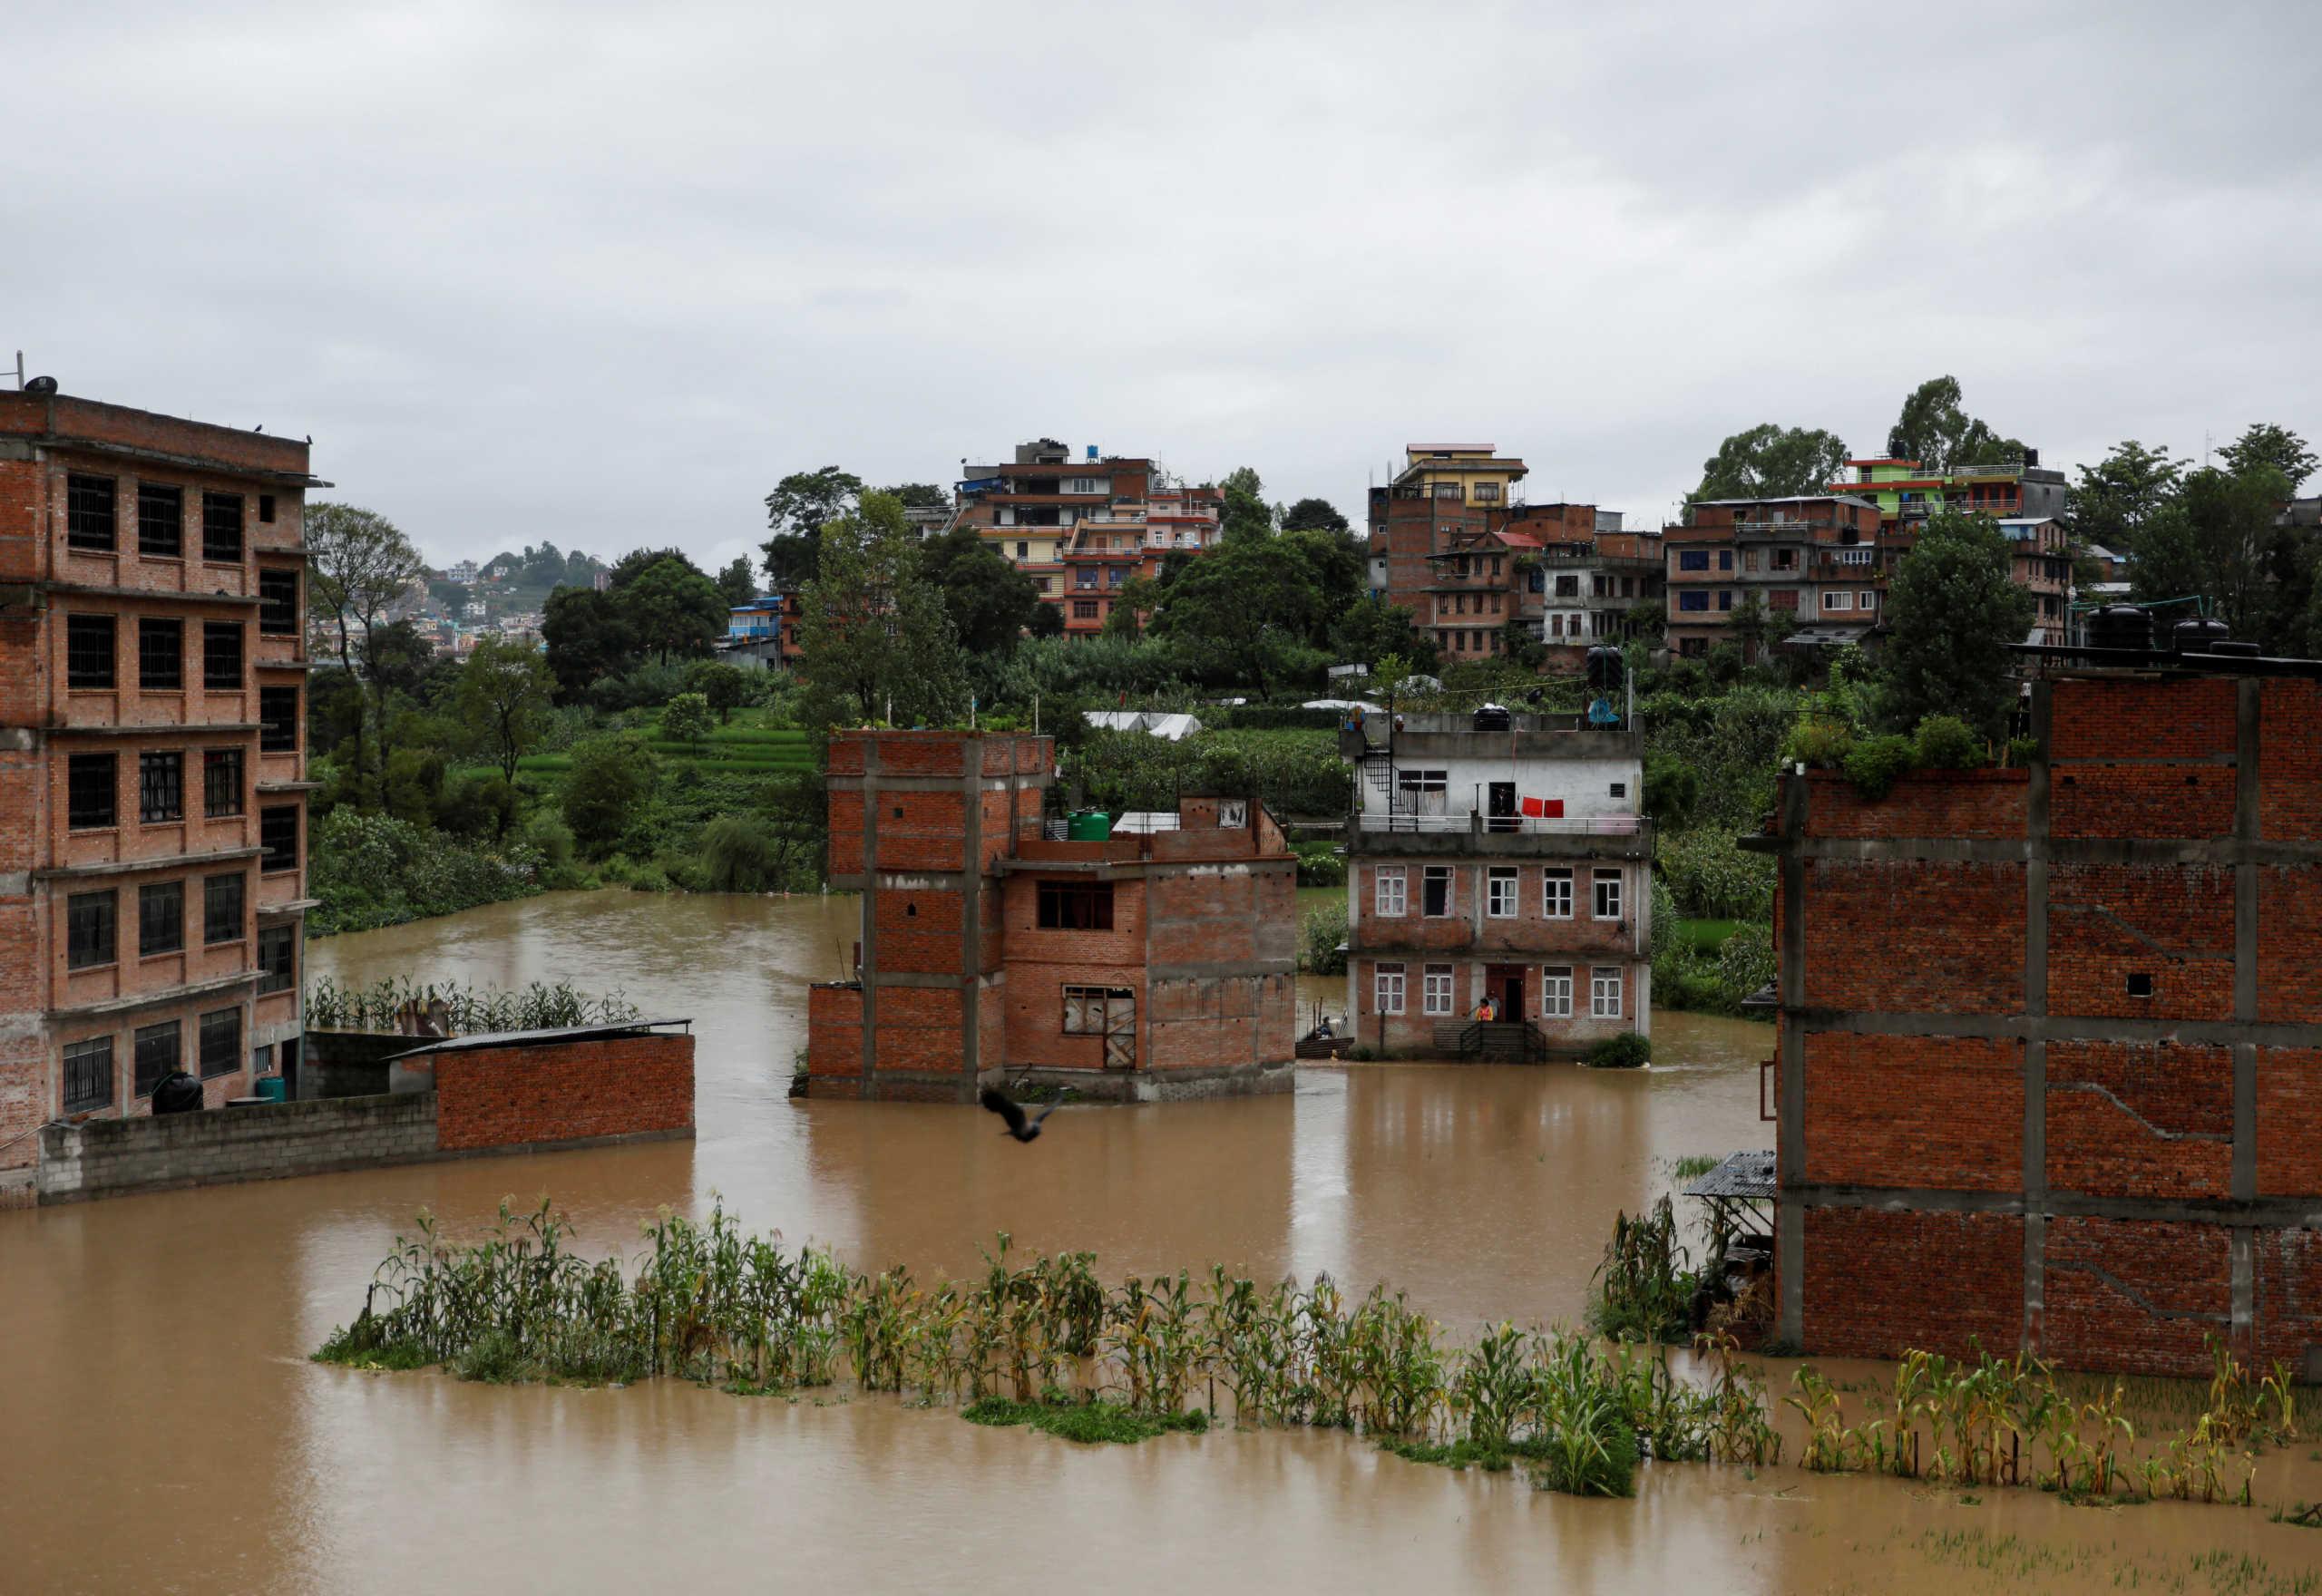 Νεπάλ: Τουλάχιστον 16 νεκροί και δεκάδες αγνοούμενοι από καταρρακτώδεις βροχές και κατολισθήσεις